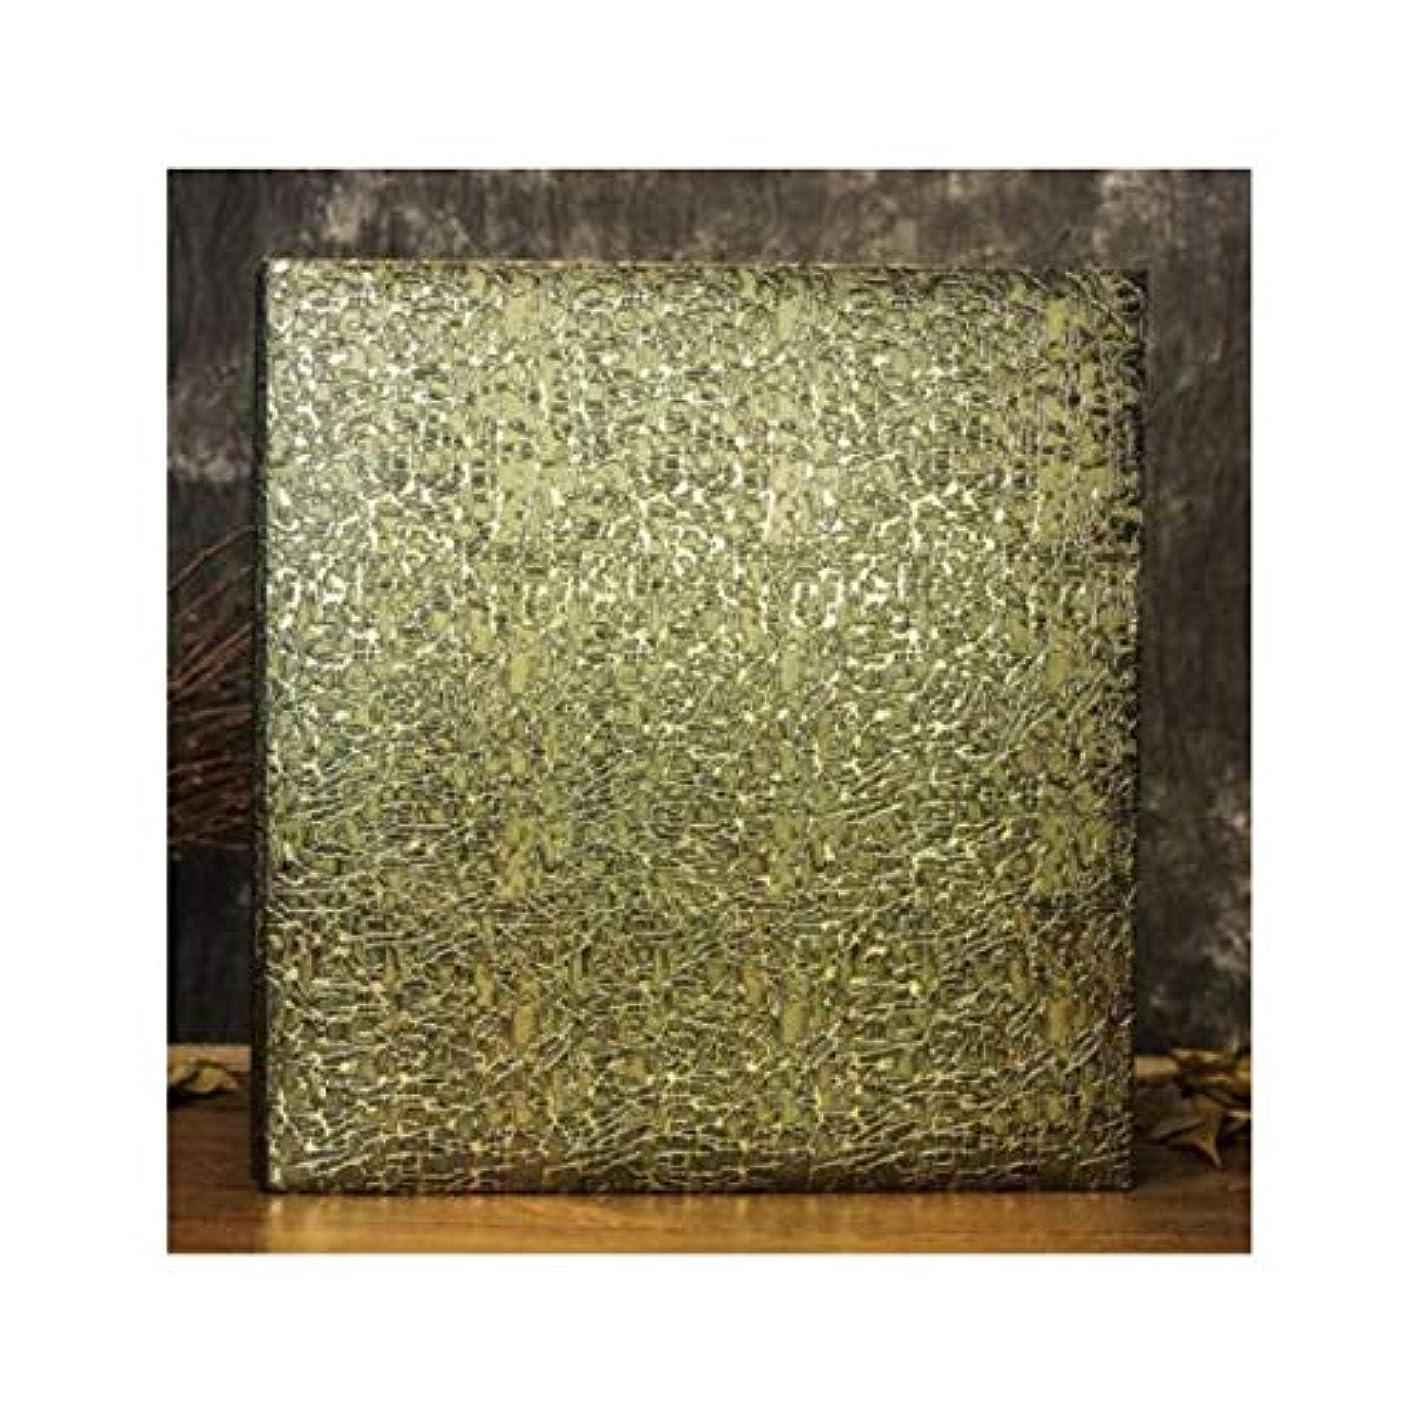 教室報酬の三YZT フォトアルバム、革挿入アルバムのアルバム、5インチ6インチ7インチミックス大容量ホームフォトアルバム、カップルアルバム、アルバムクリエイティブギフト400 (Color : Silver, Size : 400 sheets)